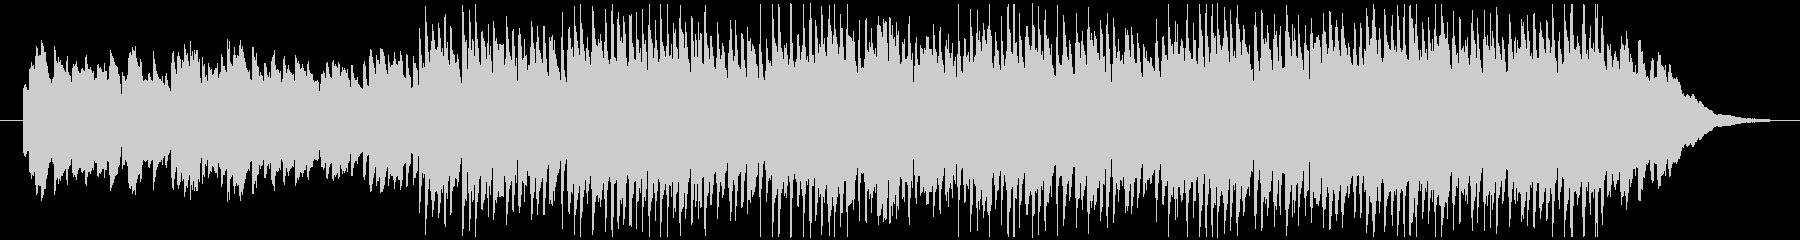 ランダムなピアノフレーズが印象的なBGMの未再生の波形